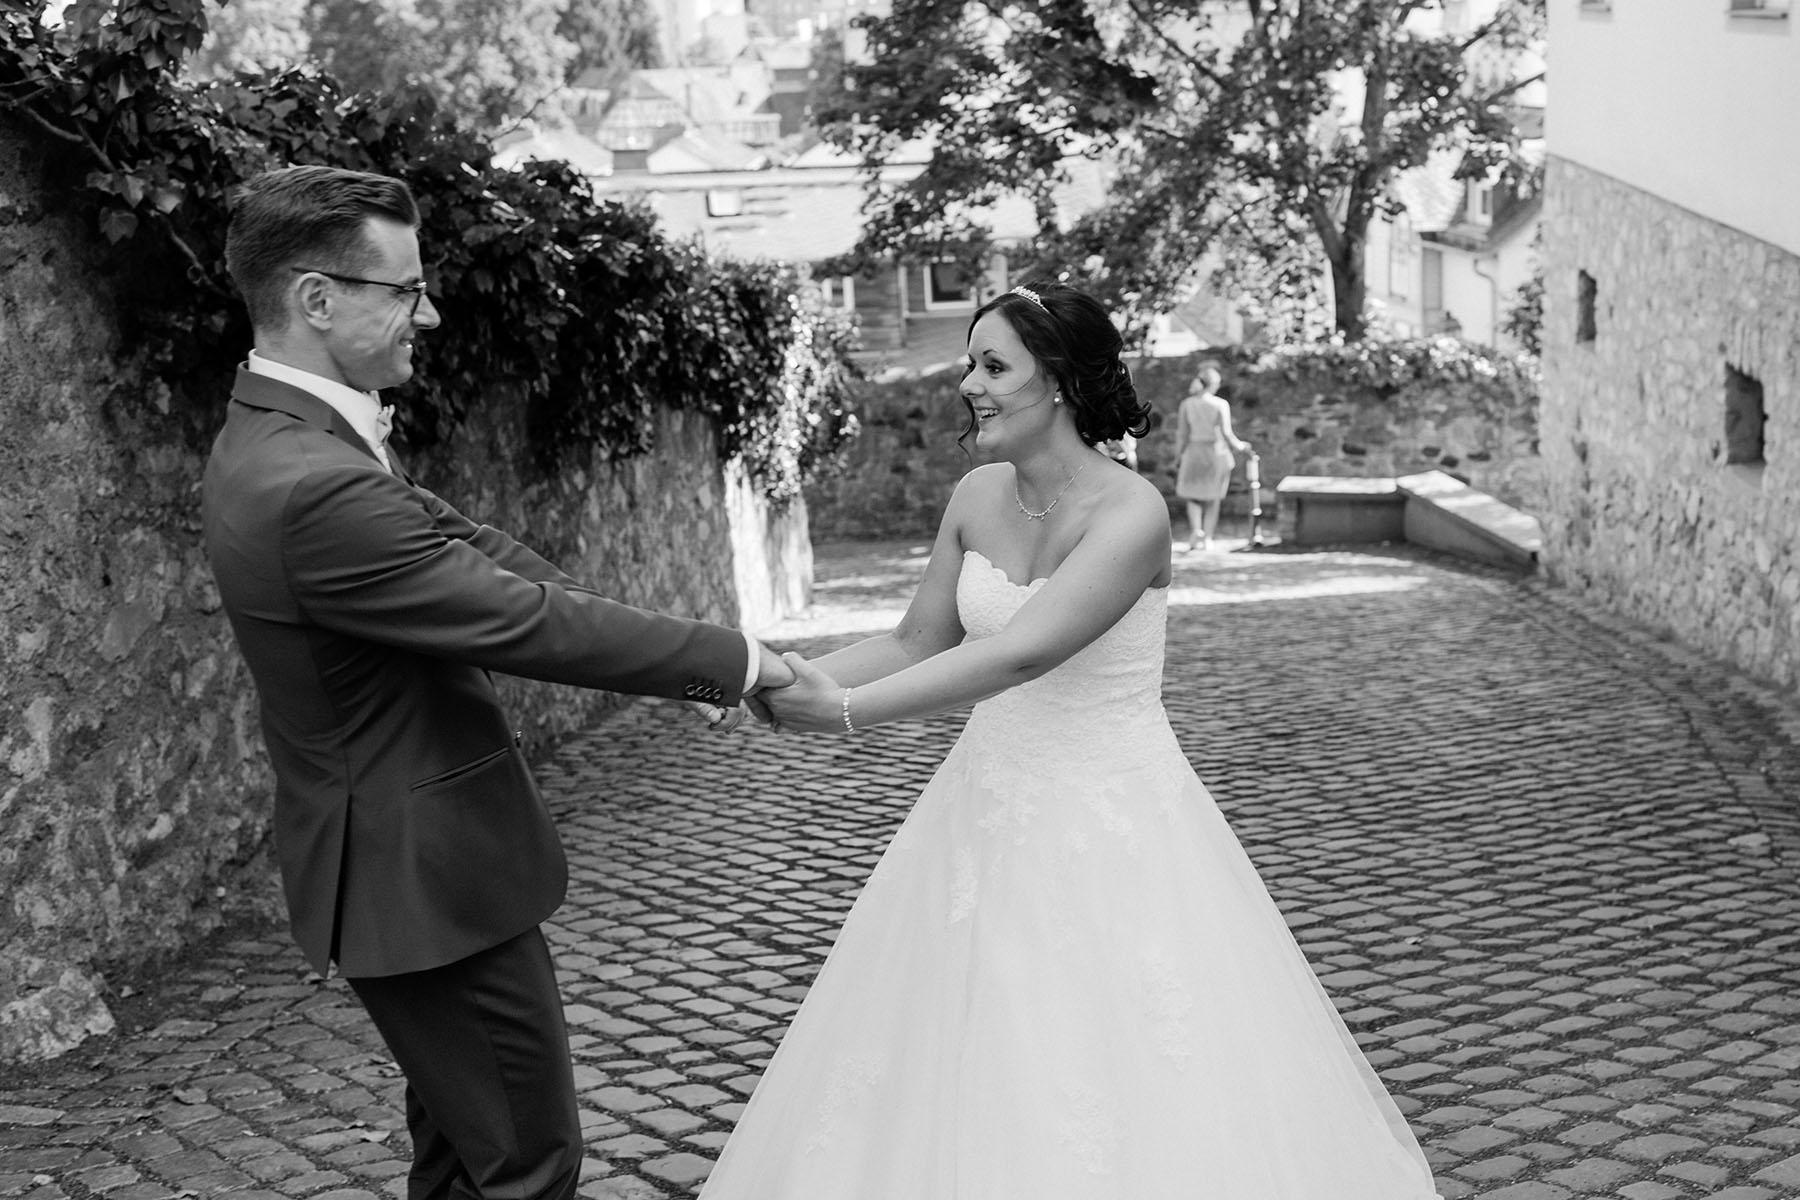 Brautpaar tanzt draußen Foto in schwarz-weiß